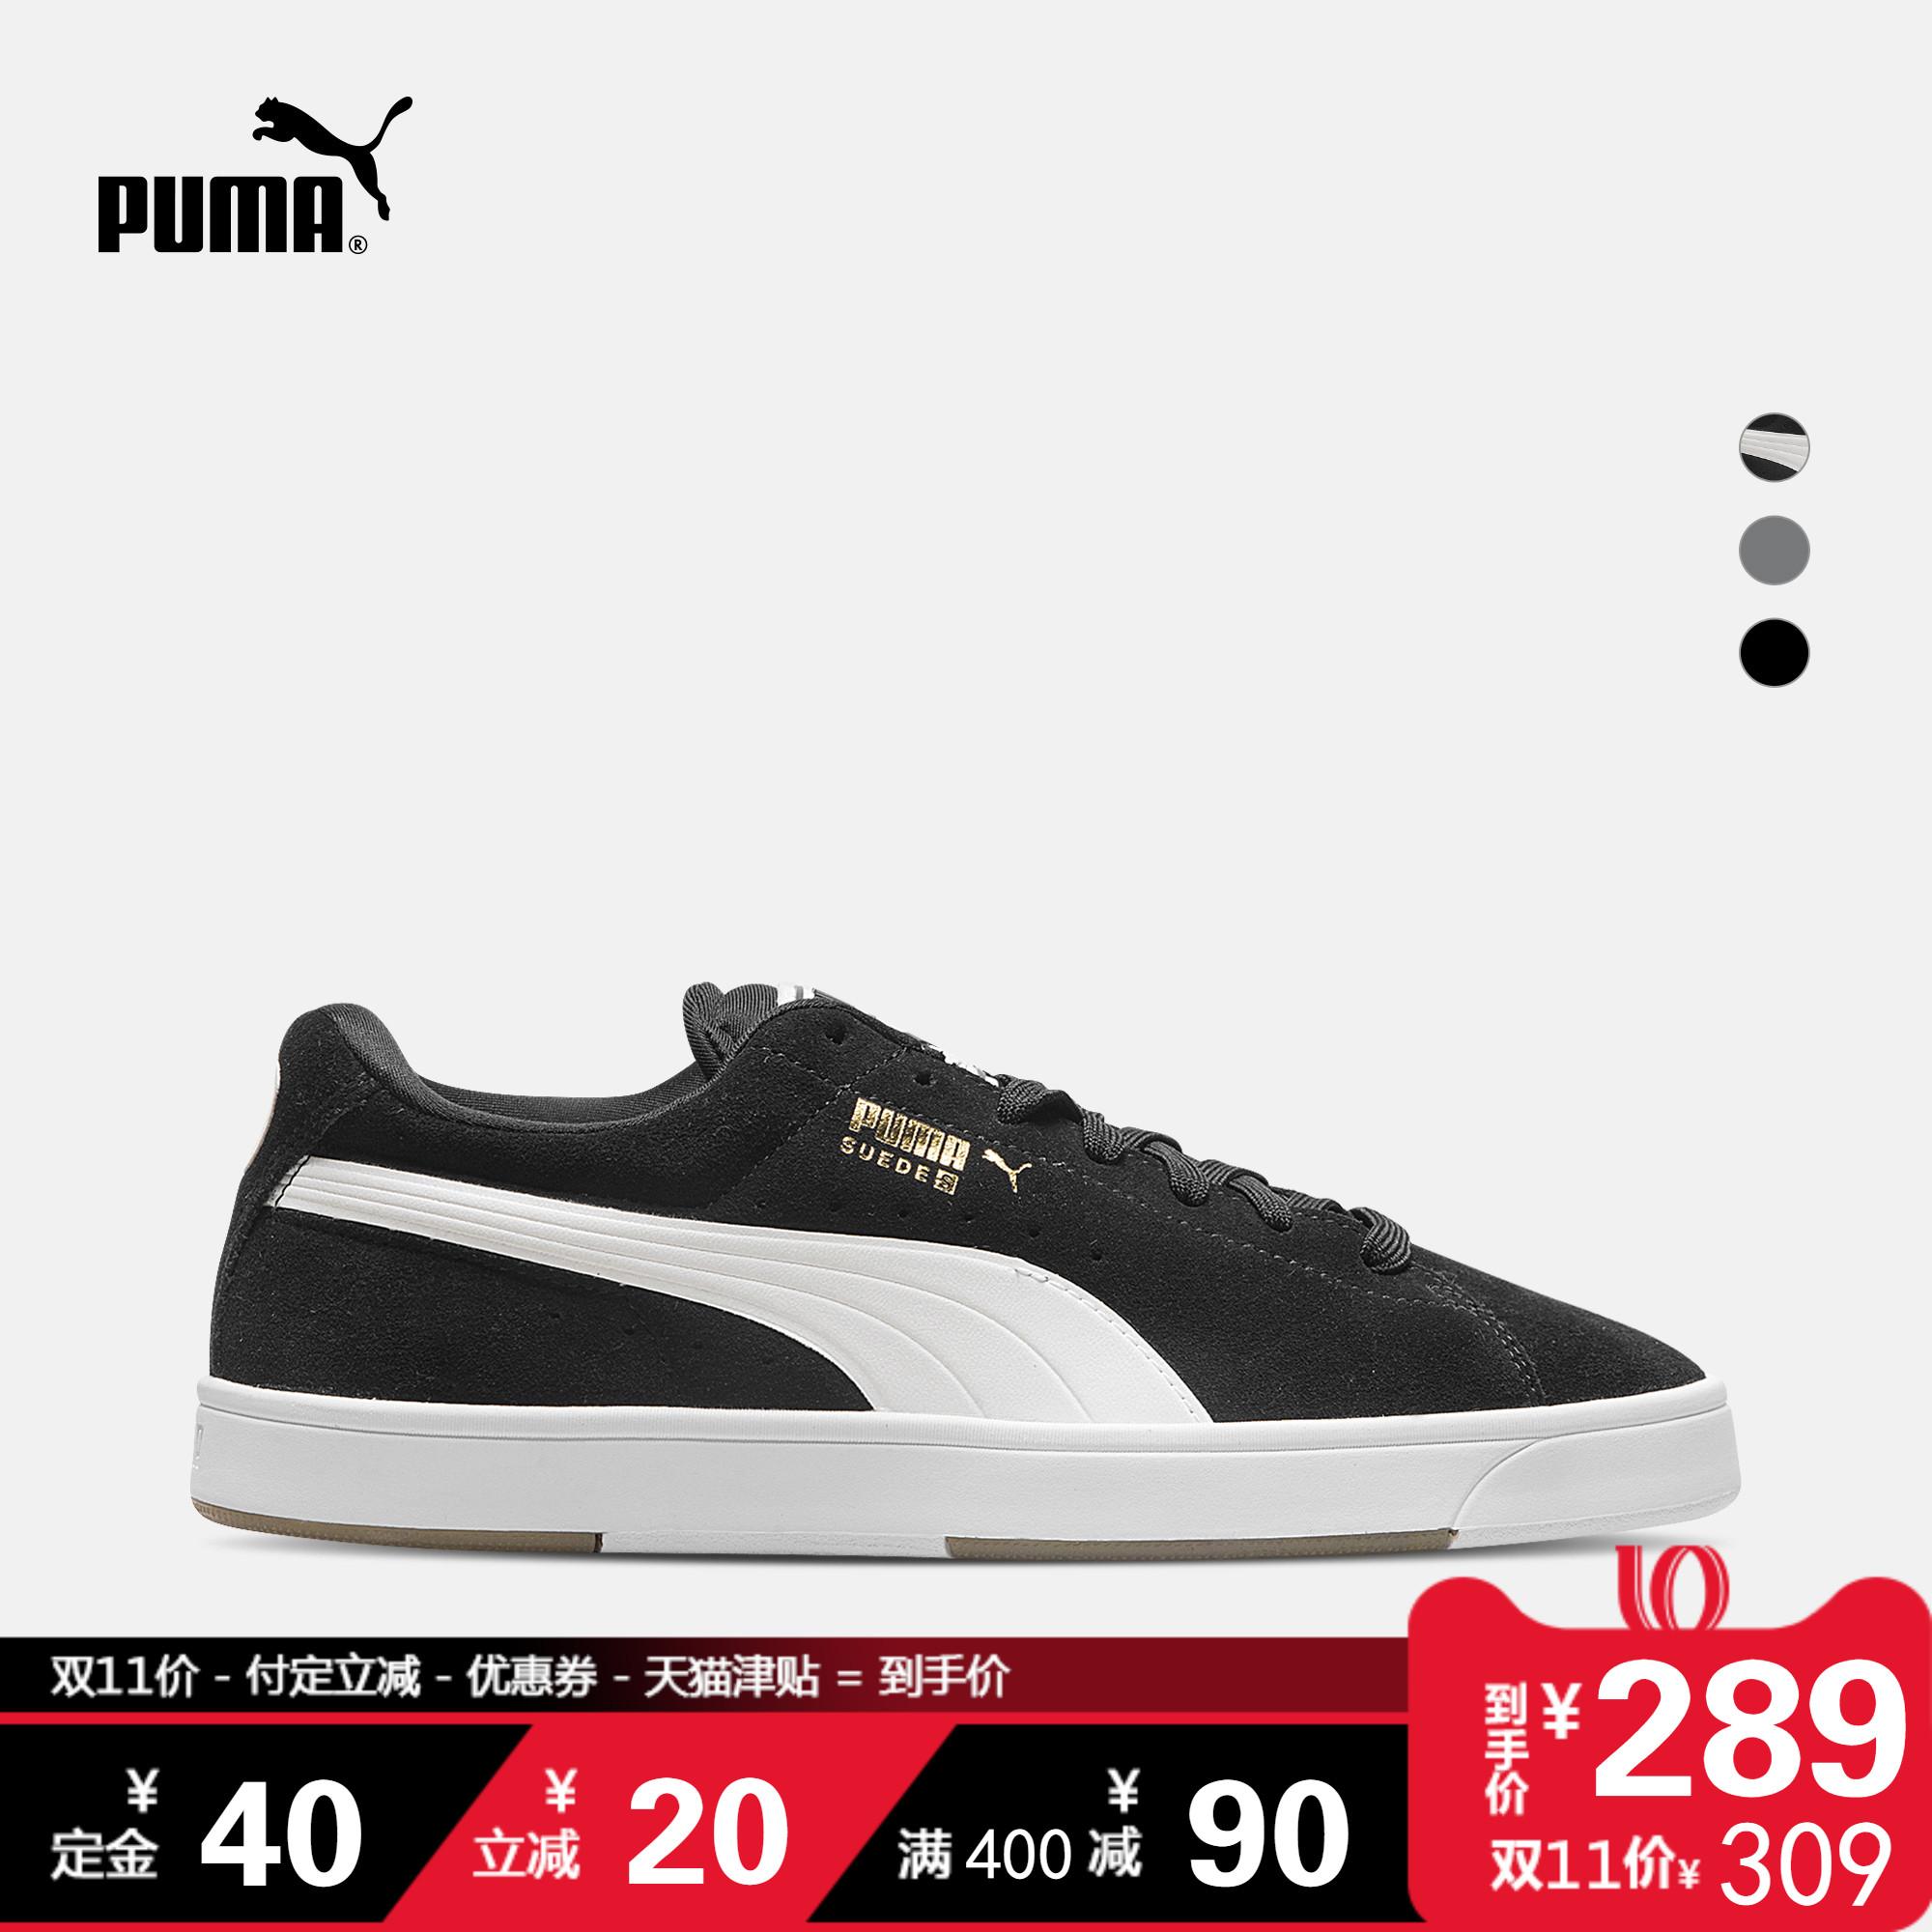 预售 PUMA彪马官方 男女同款休闲鞋 SUEDE S 356414